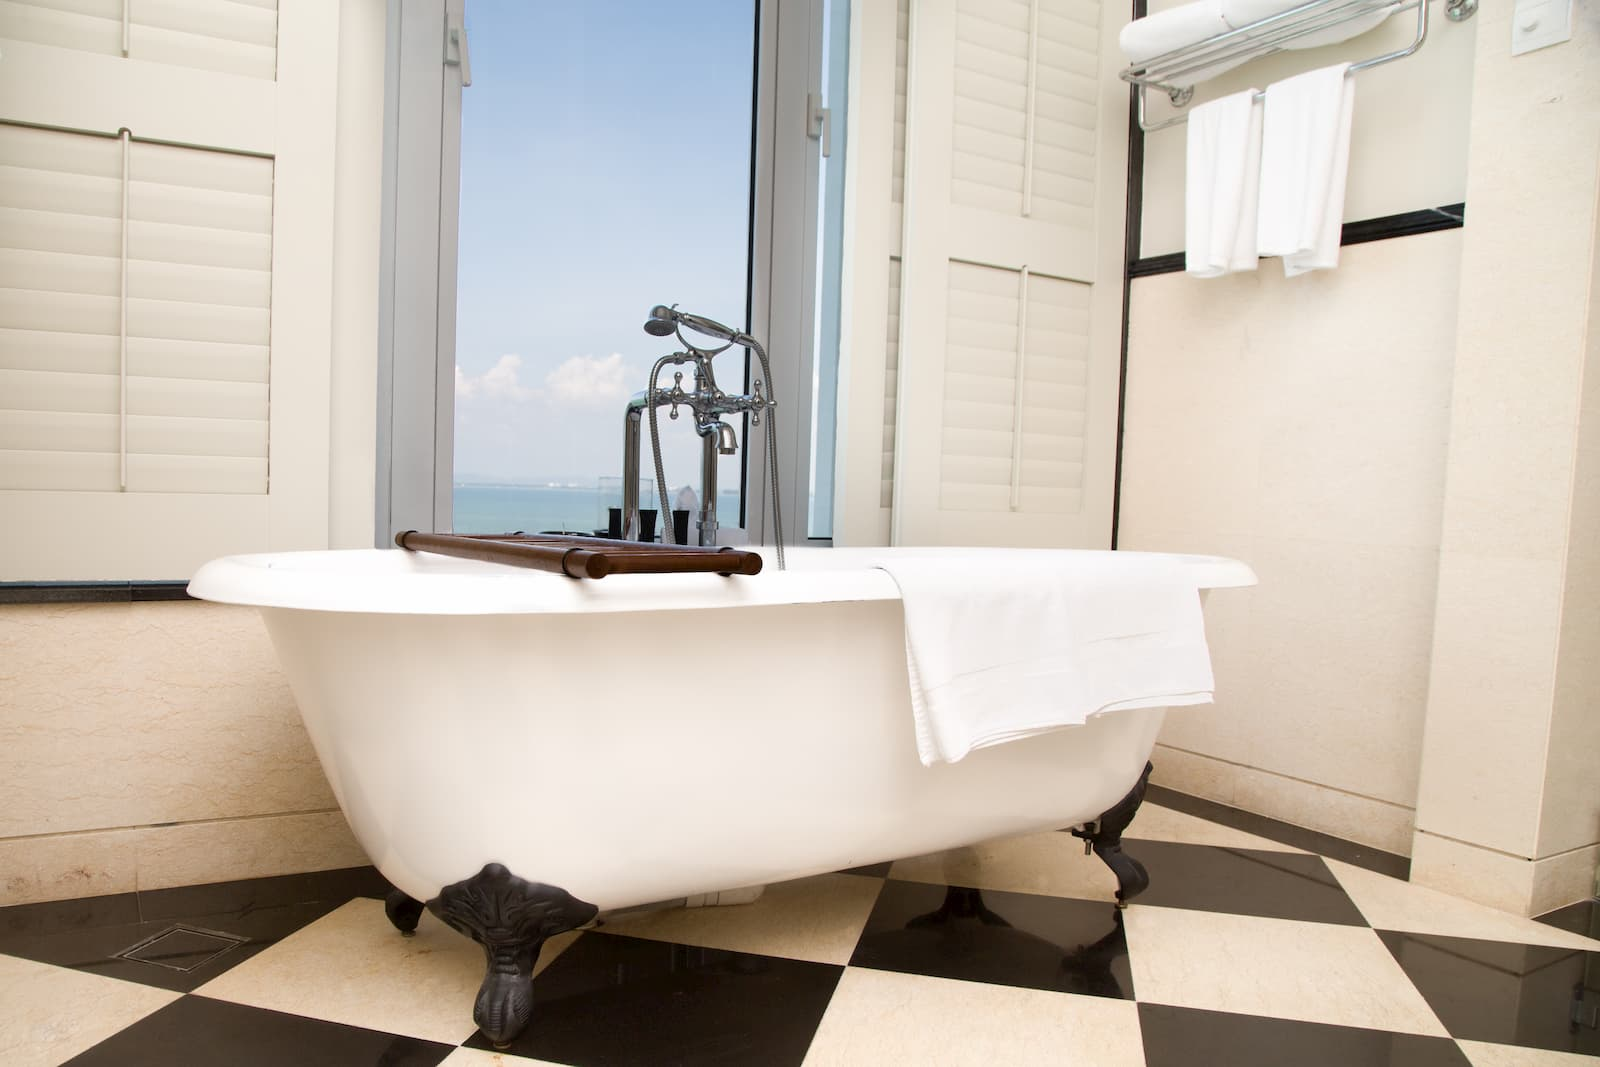 Hotéis em Gramado com Banheira: 9 opções para Relaxar!